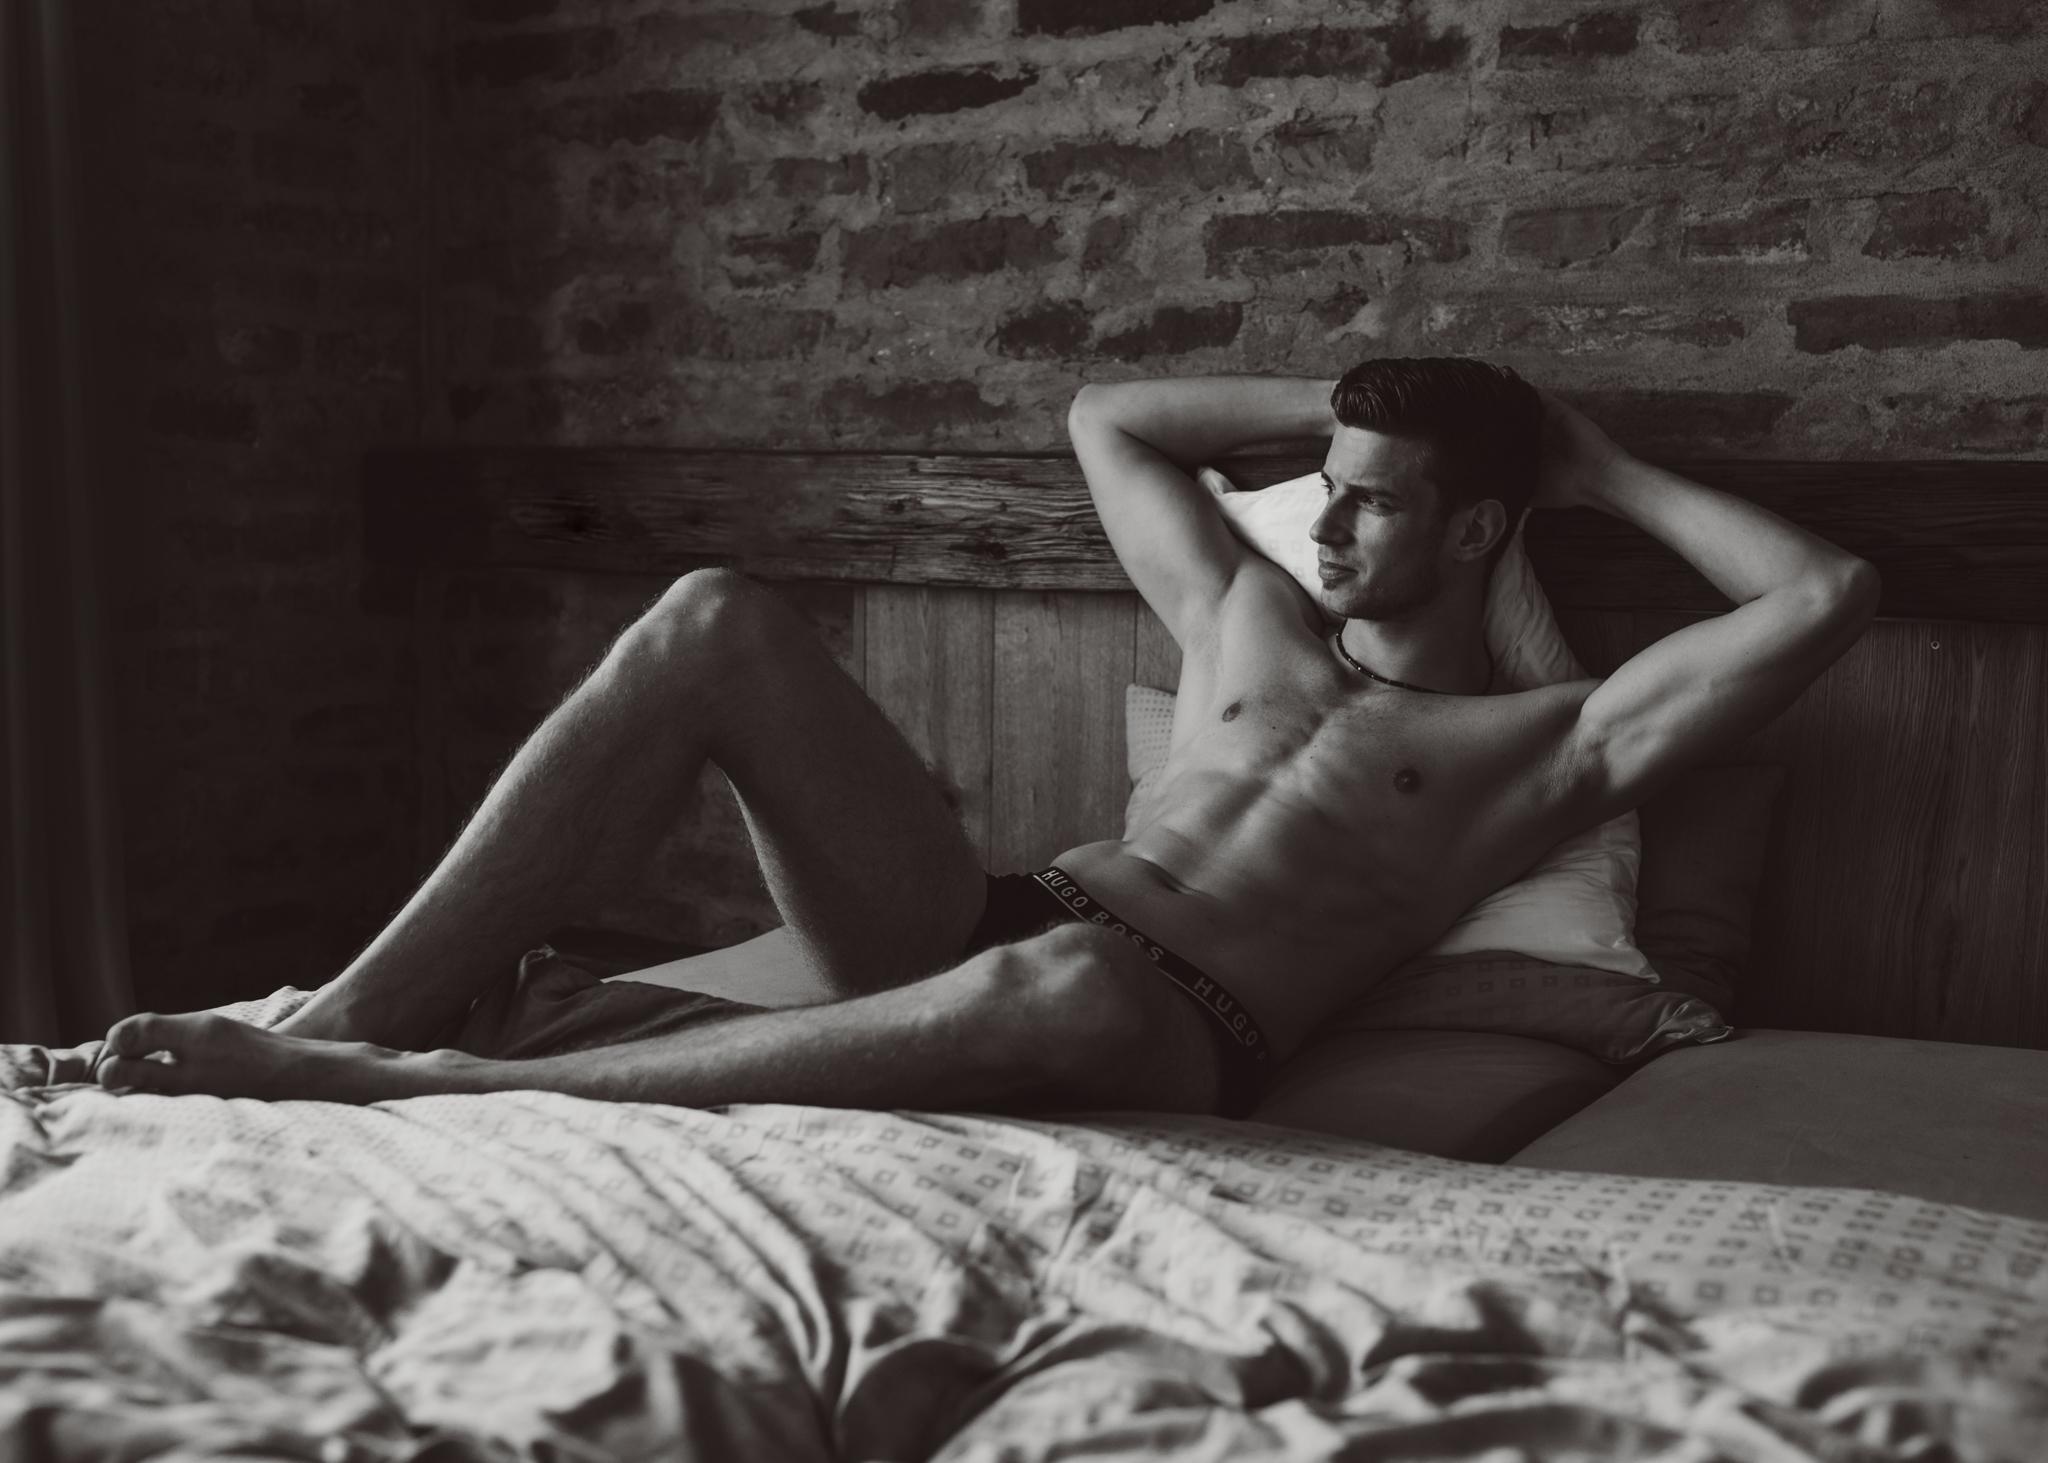 Boudoir-Shooting mit einem Mann auf dem Bett in klassischem Schwarz-Weiß